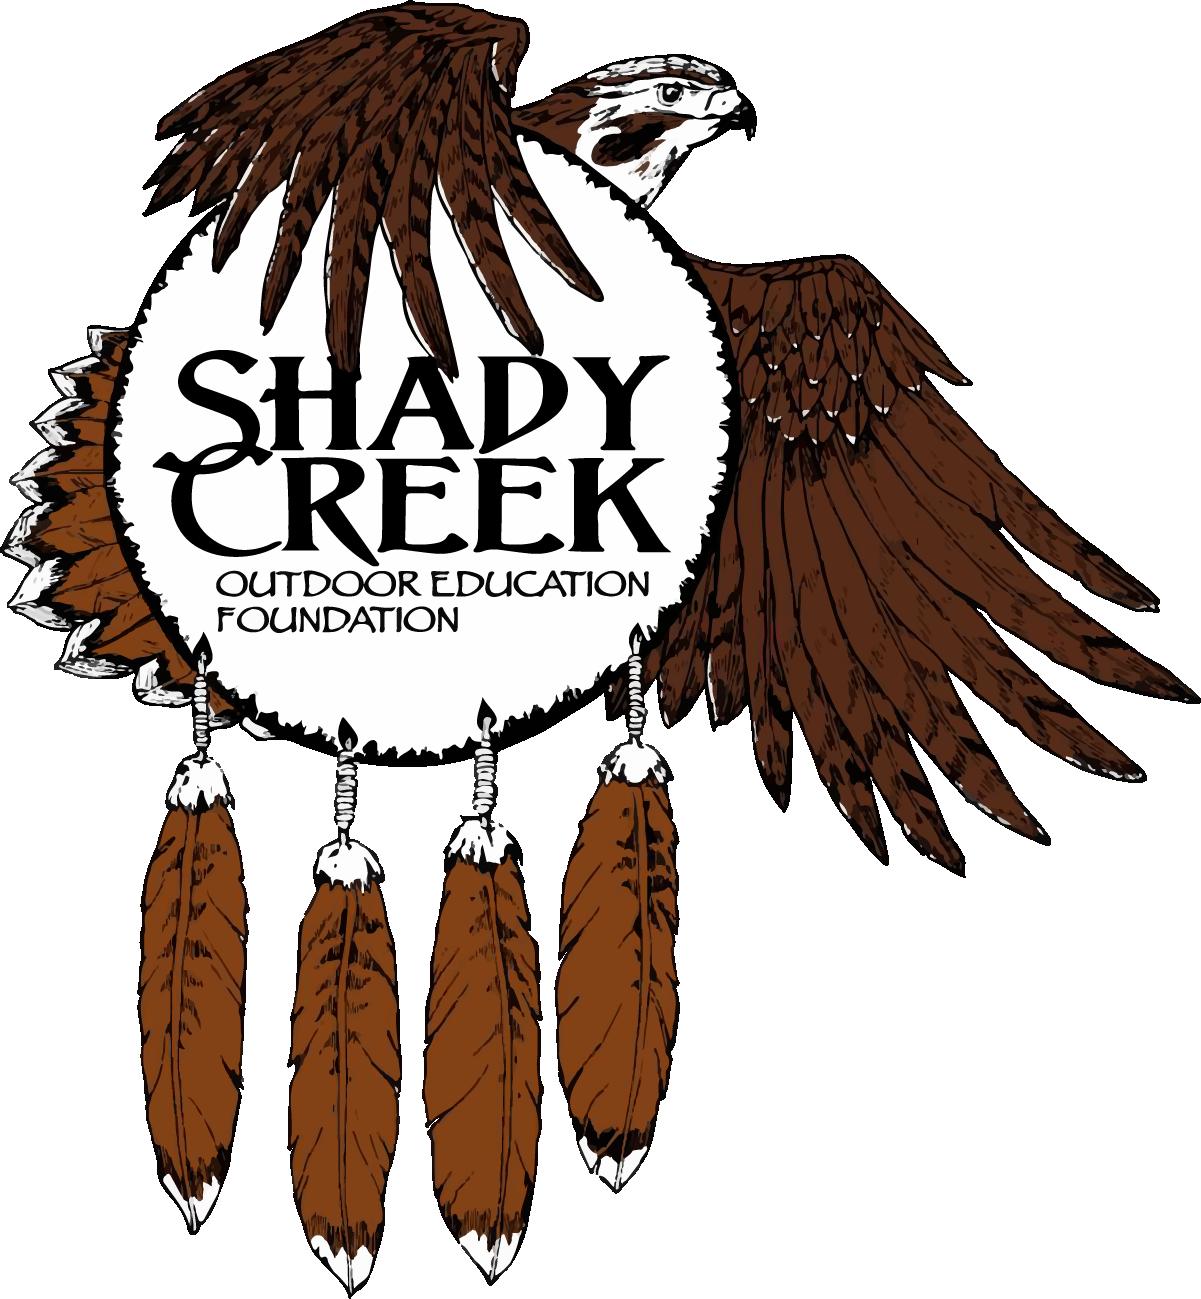 shadycreekoef.org.